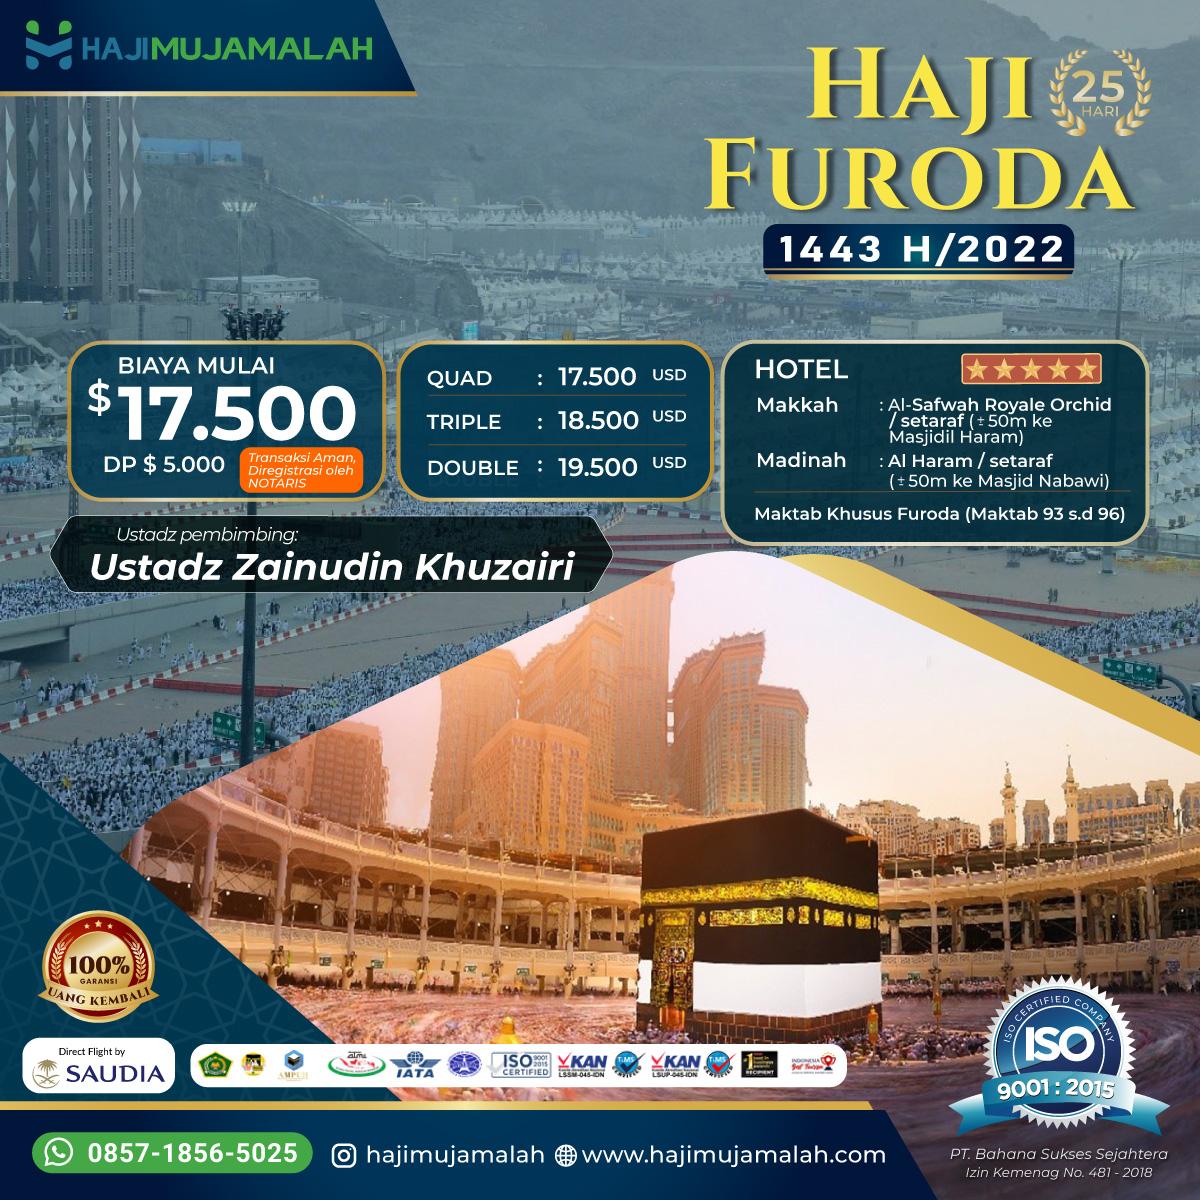 Biaya Haji Furoda Mujamalah 2022/1443H Mulai dari 17.500 USD?